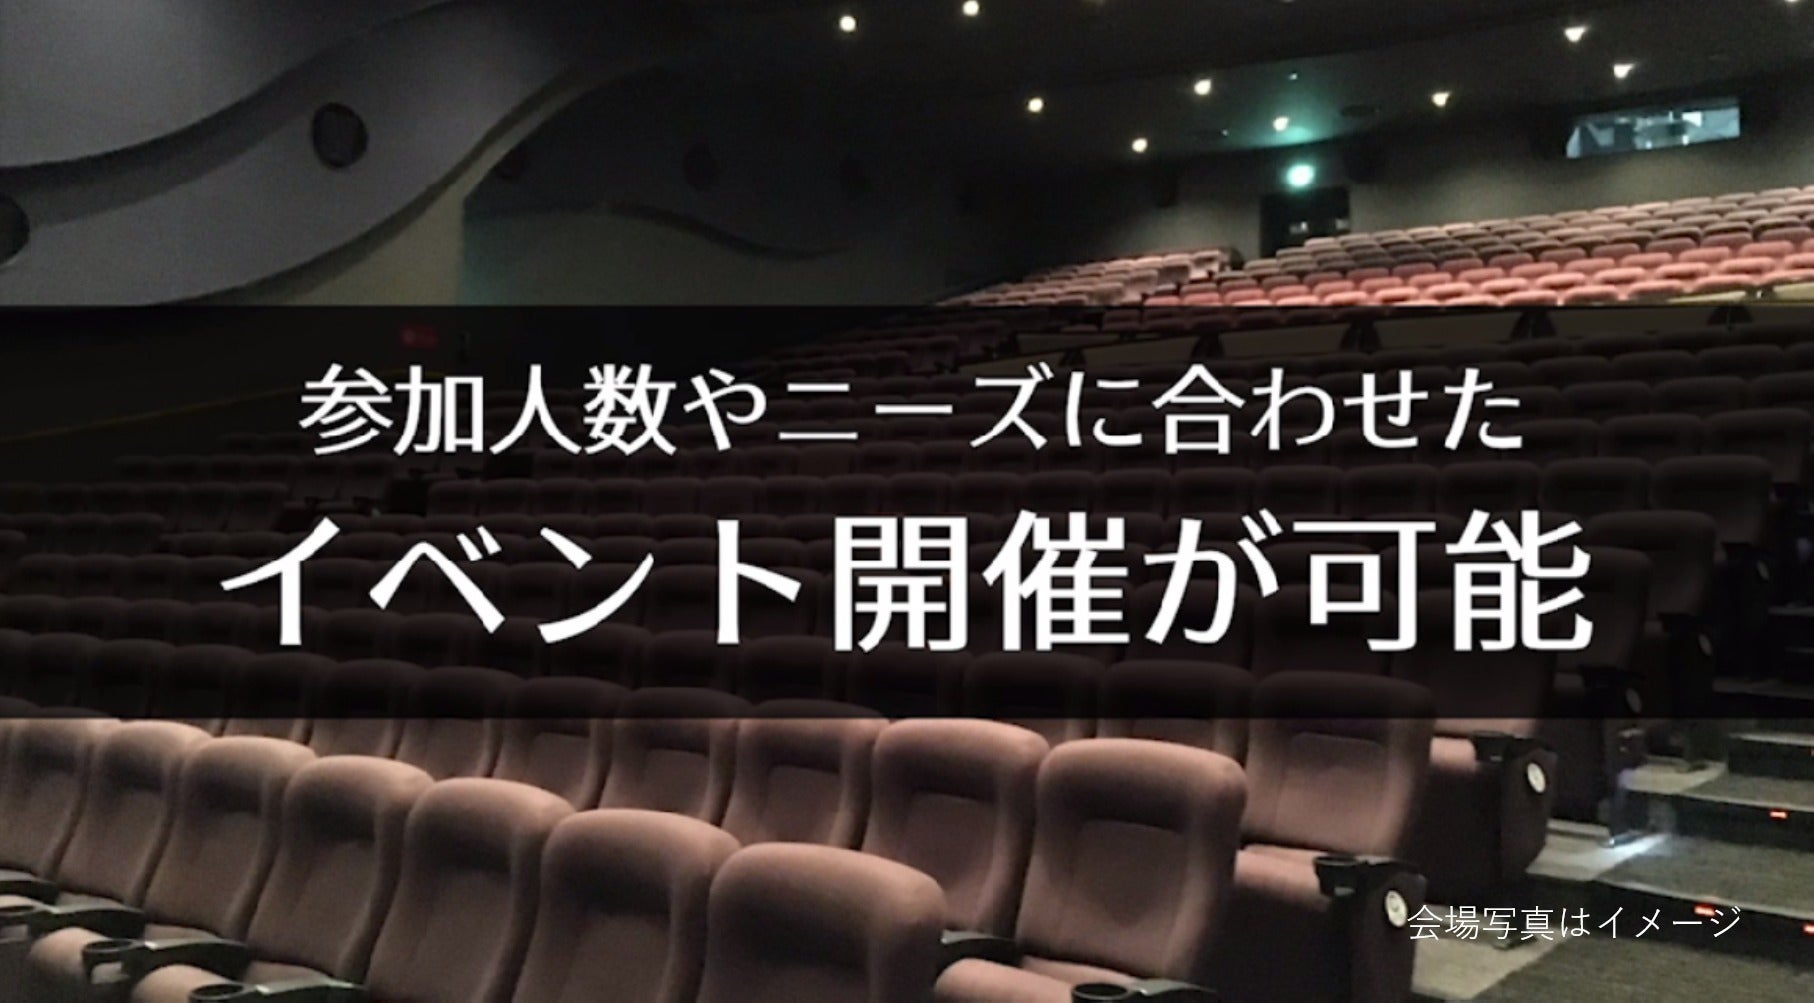 【平塚 132席】映画館で、会社説明会、株主総会、講演会の企画はいかがですか?(シネプレックス平塚) の写真0